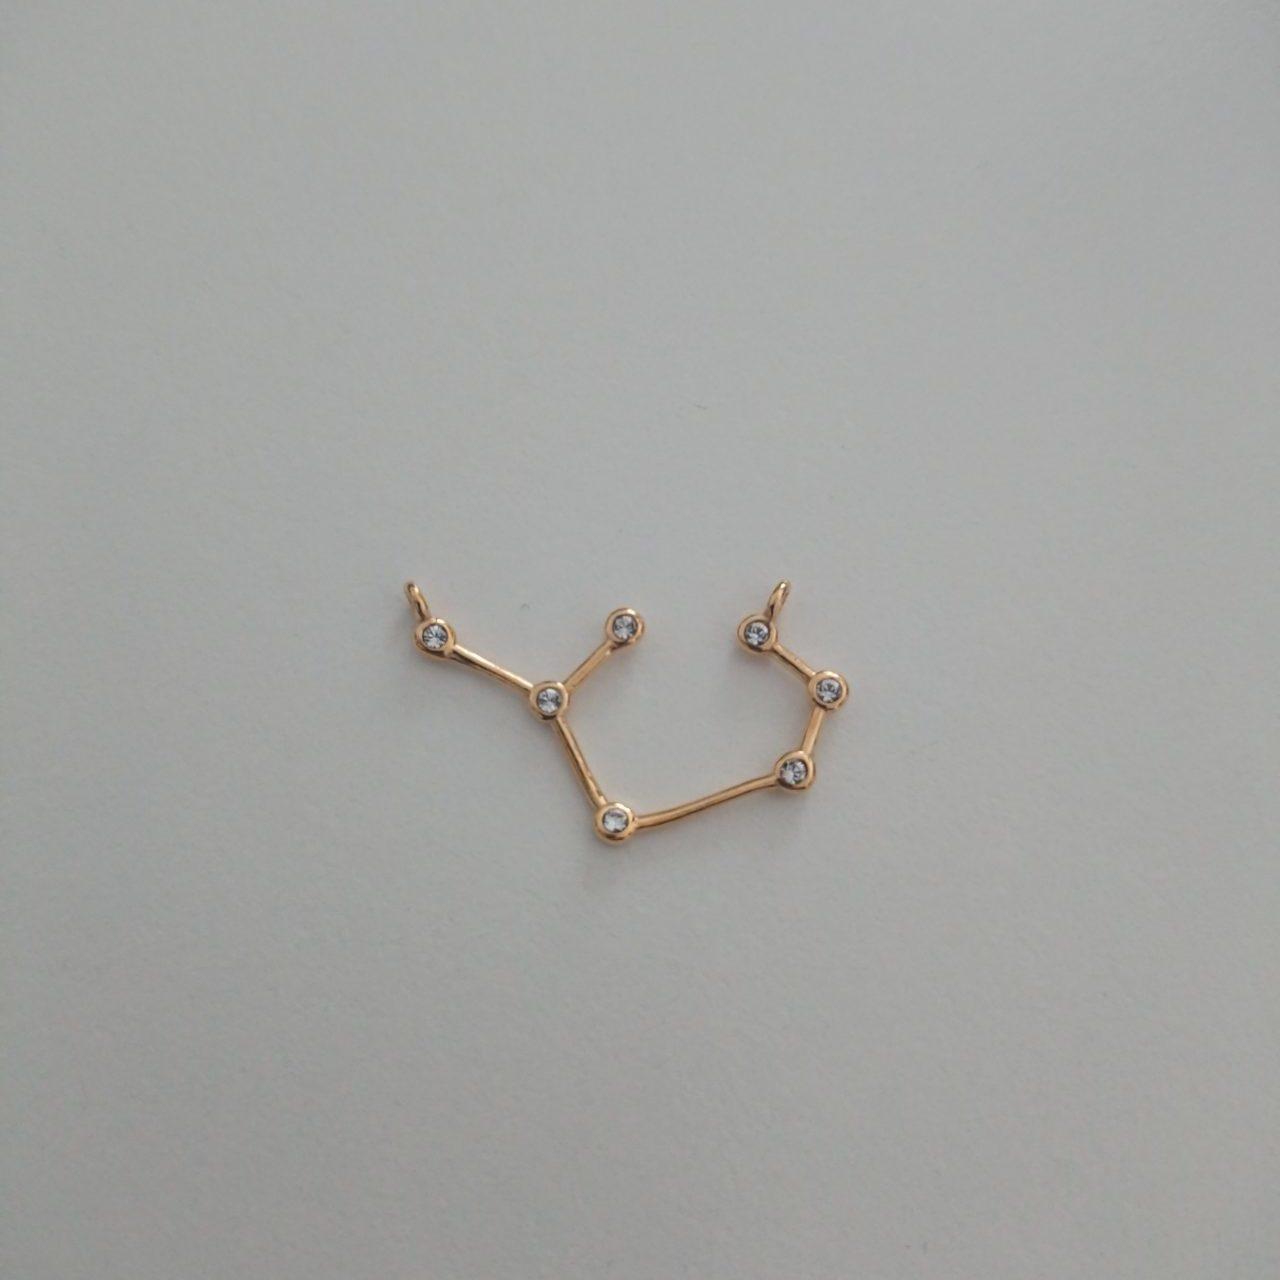 Sternbild Halskette - Schütze